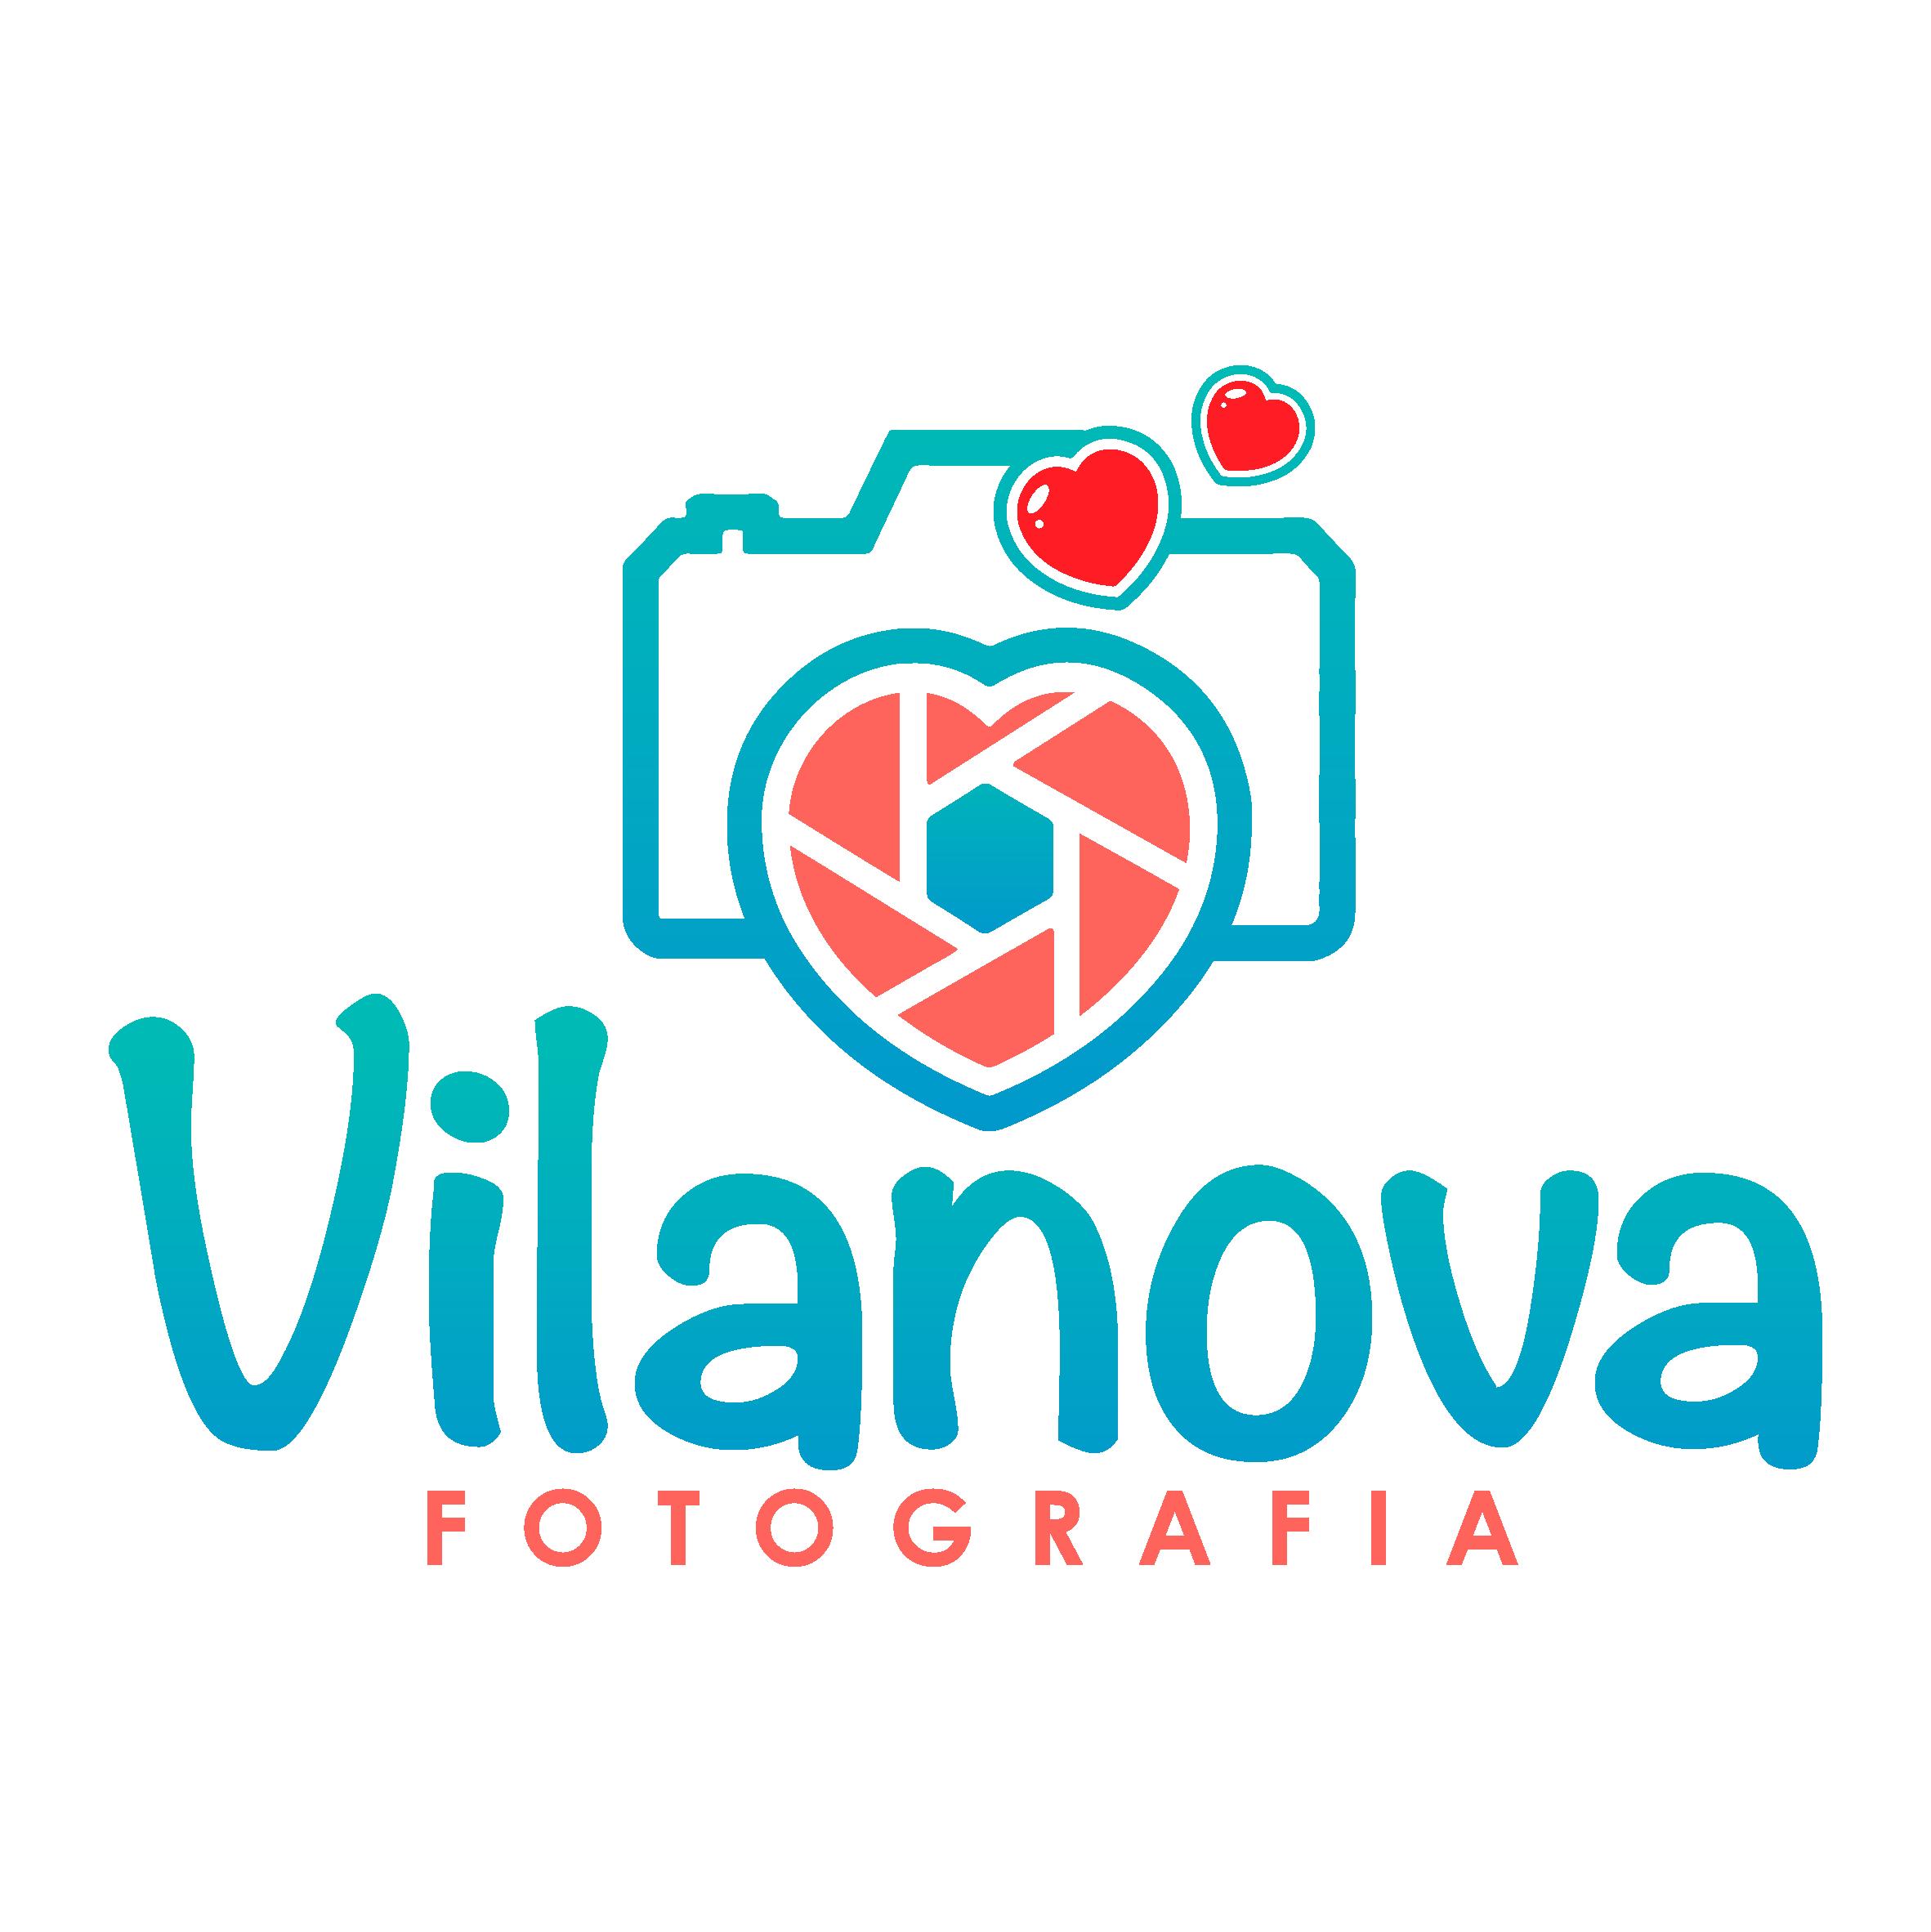 Sobre Fotografia criativa de Gestantes, Partos e Newborn em Recife. Michelle Vilanova Fotografia